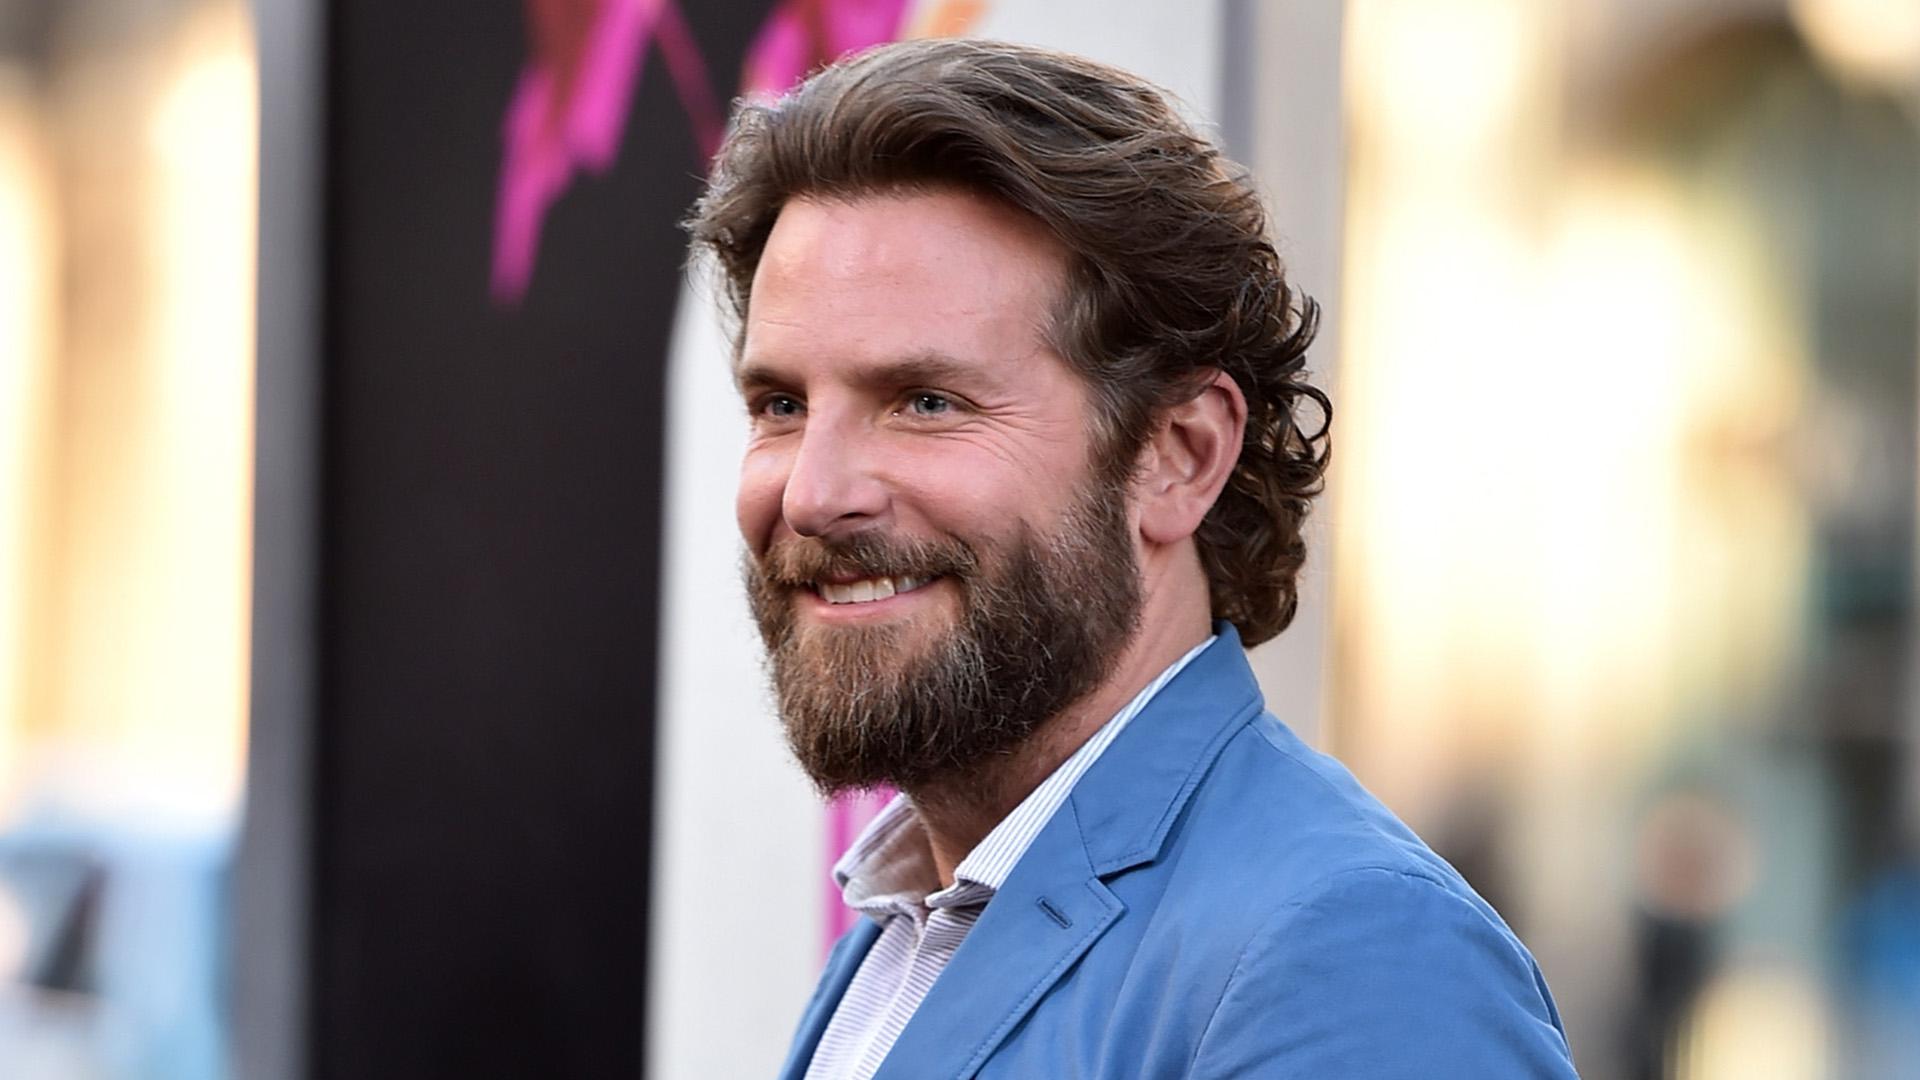 Bradley Cooper's man bun is back — see the look! Bradley Cooper